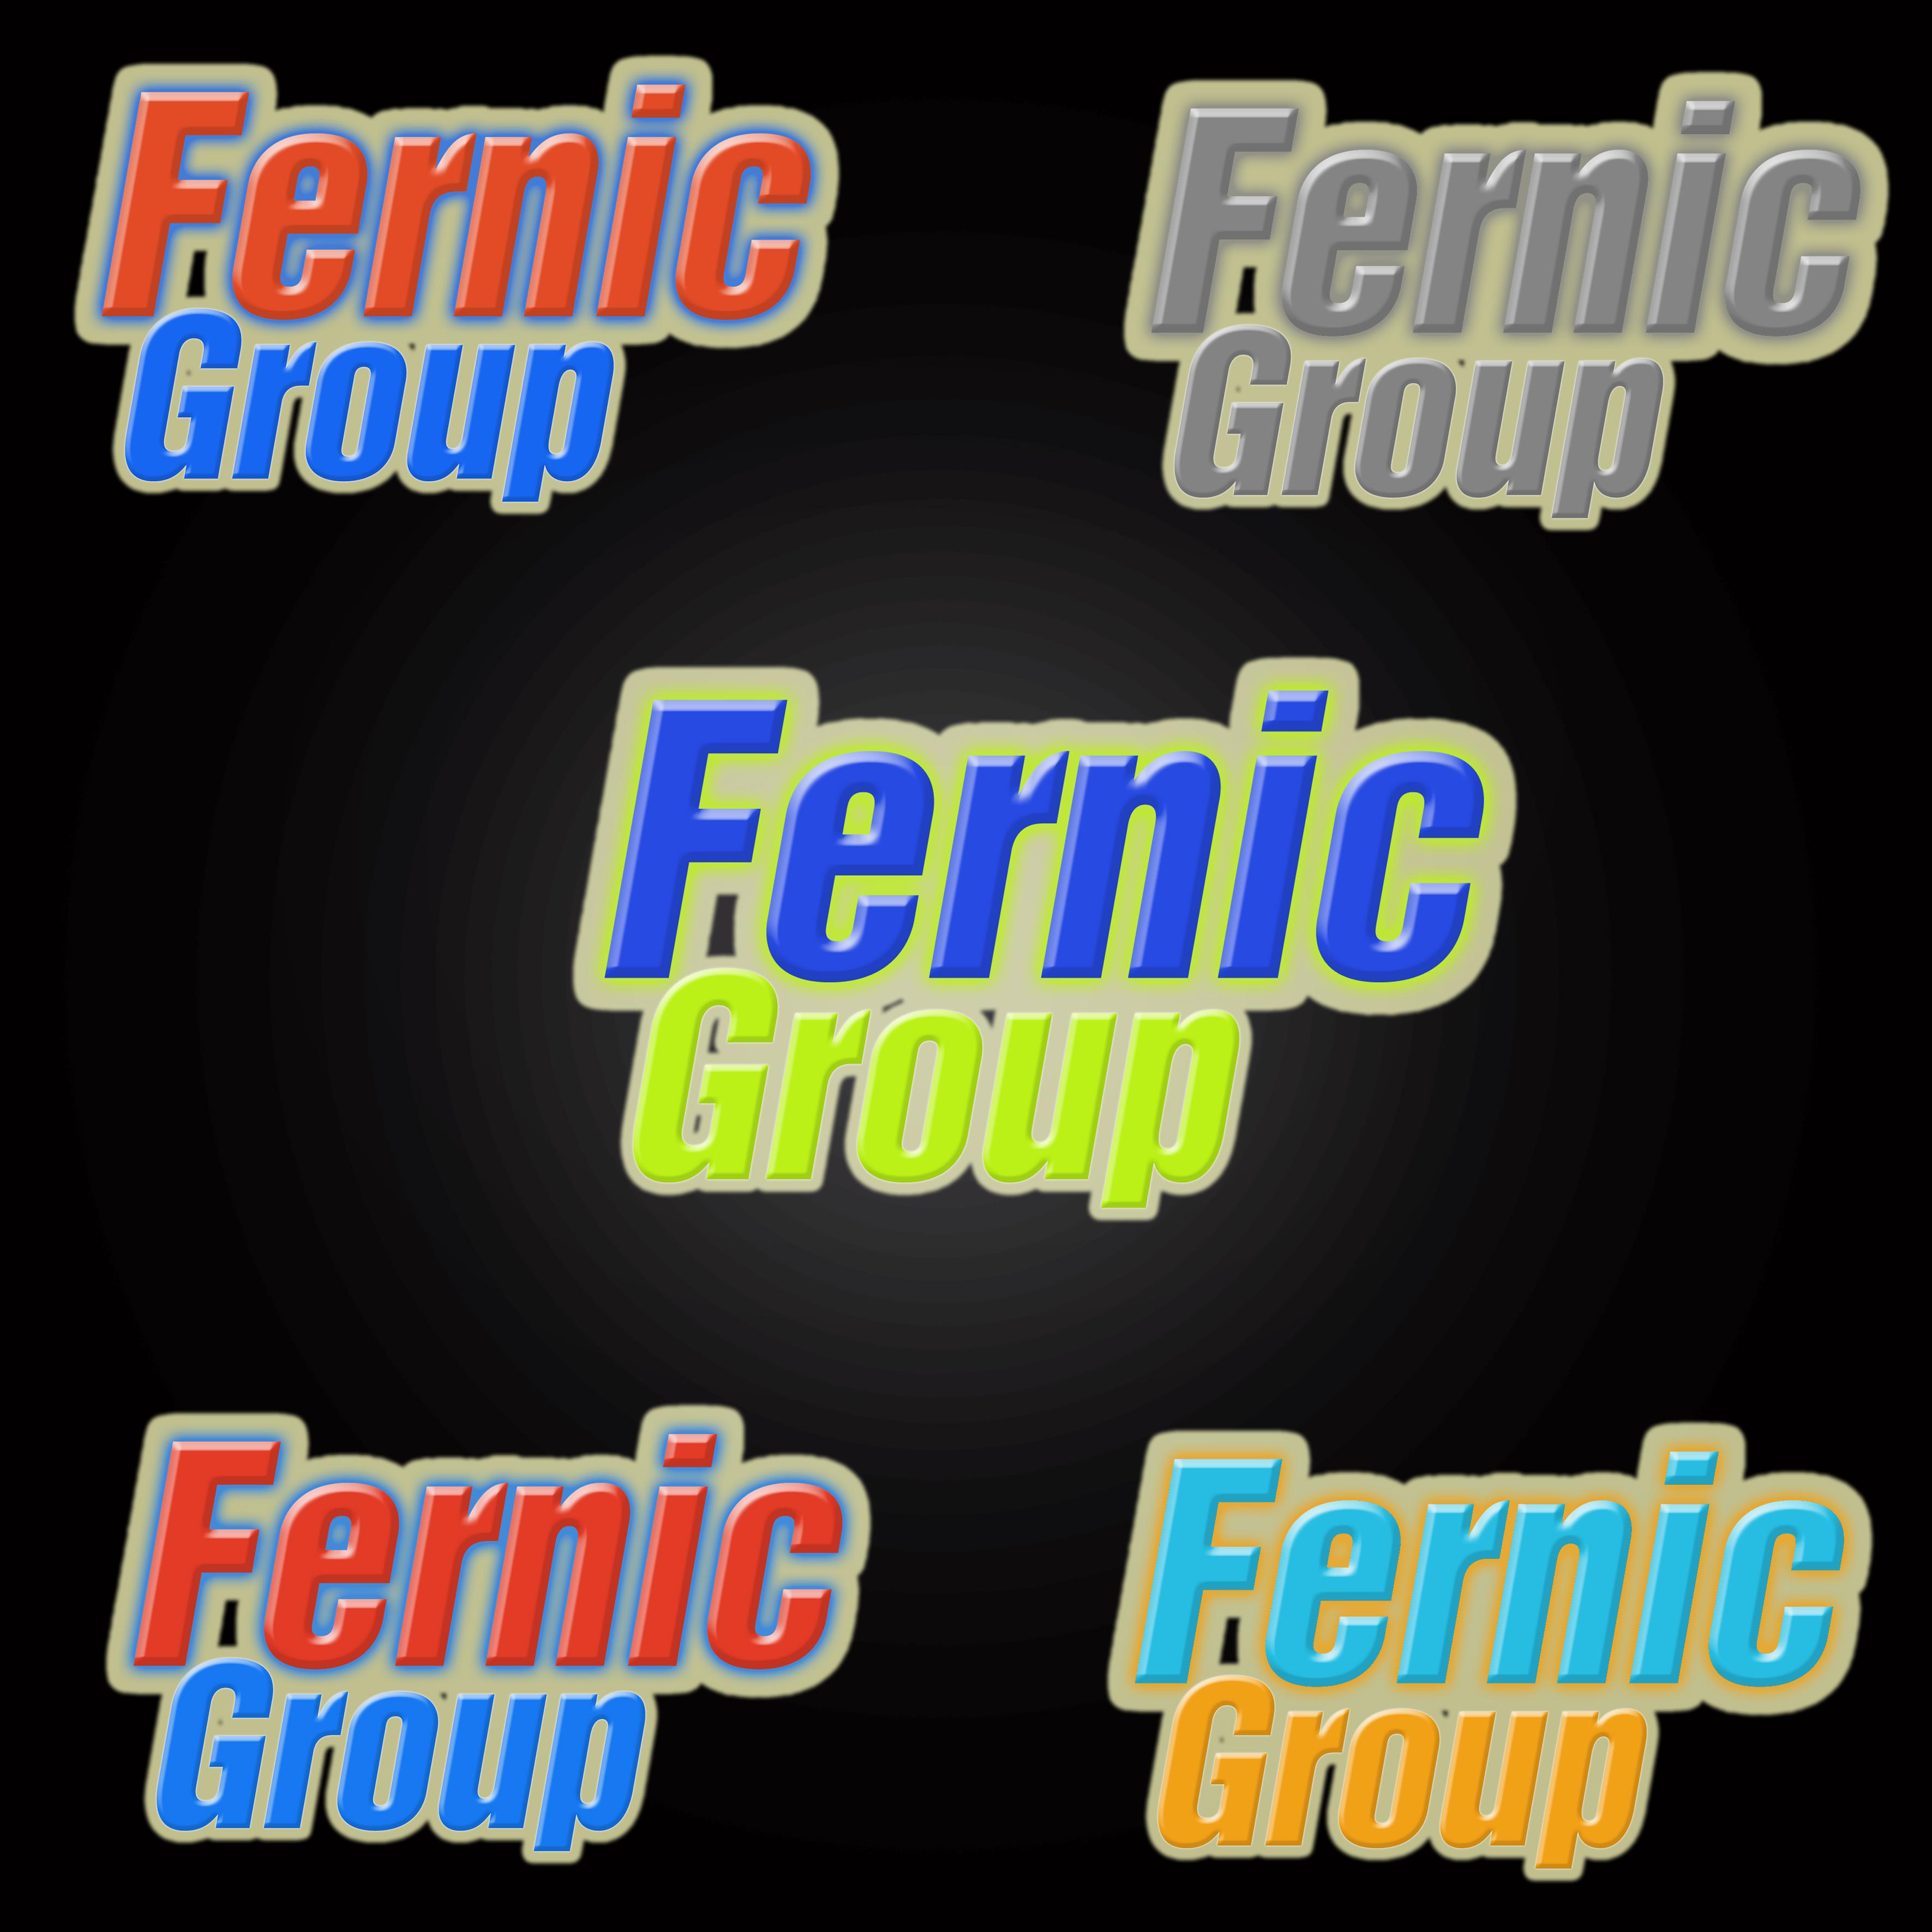 Logo Design by Roberto Sibbaluca - Entry No. 27 in the Logo Design Contest Artistic Logo Design for Fernic Goup.